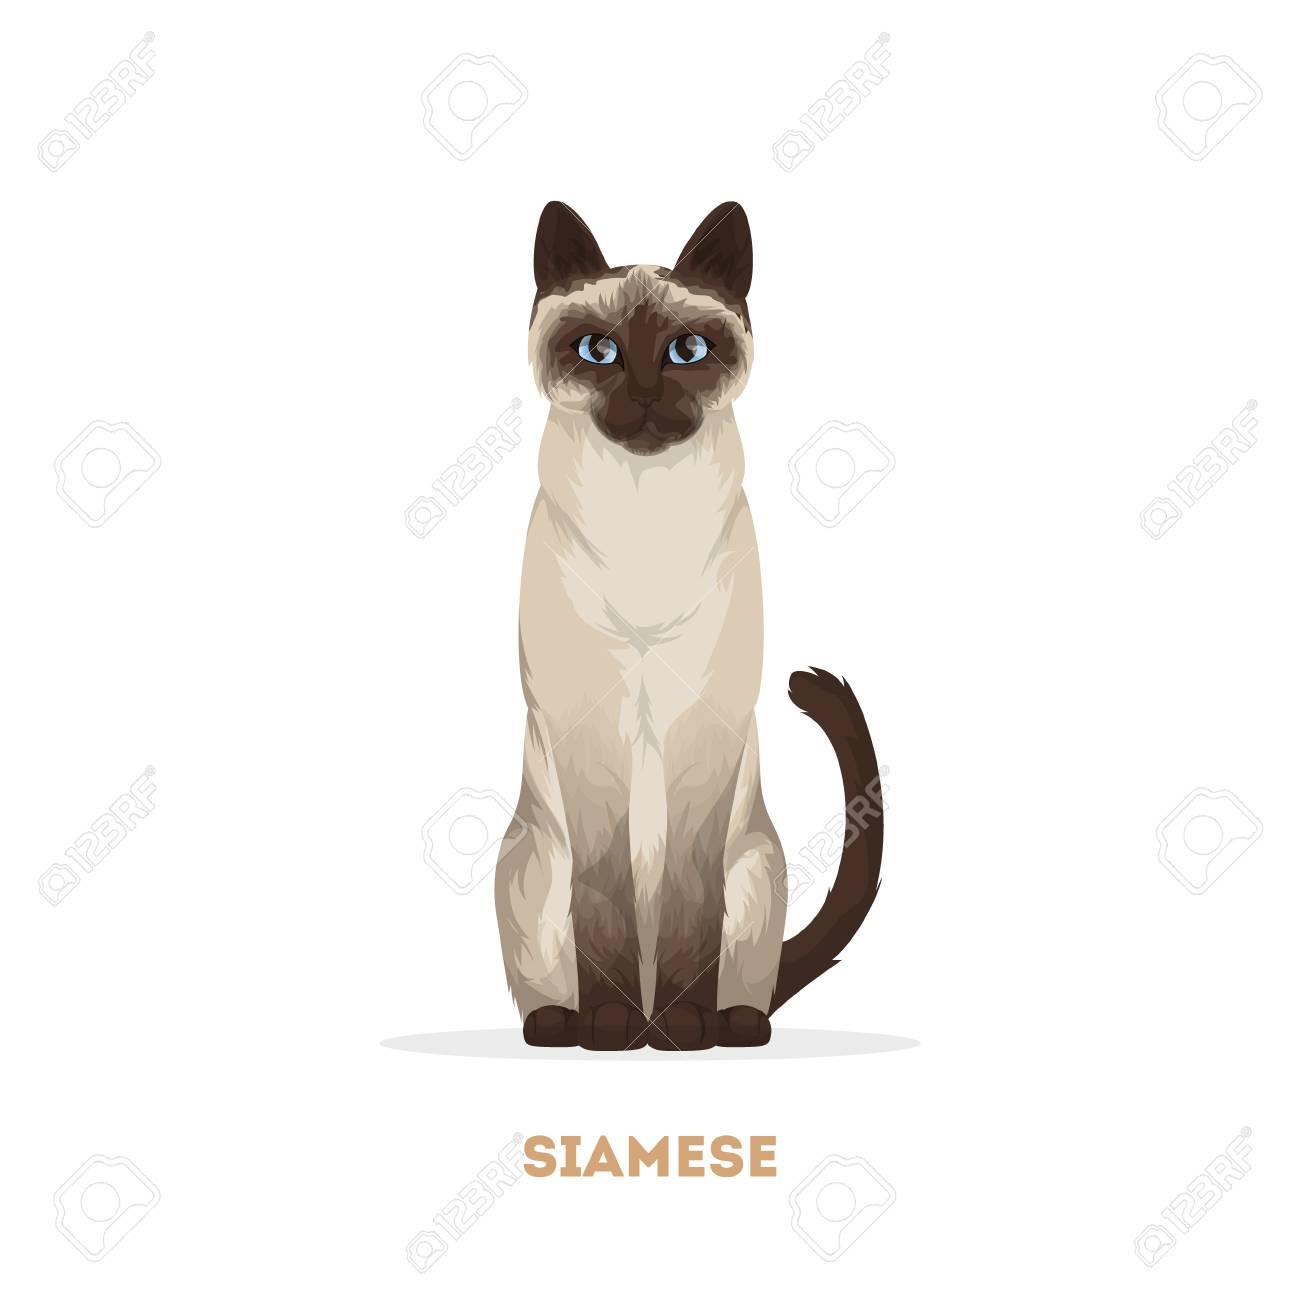 白い背景の上の分離のシャム猫のイラスト素材ベクタ Image 83876921